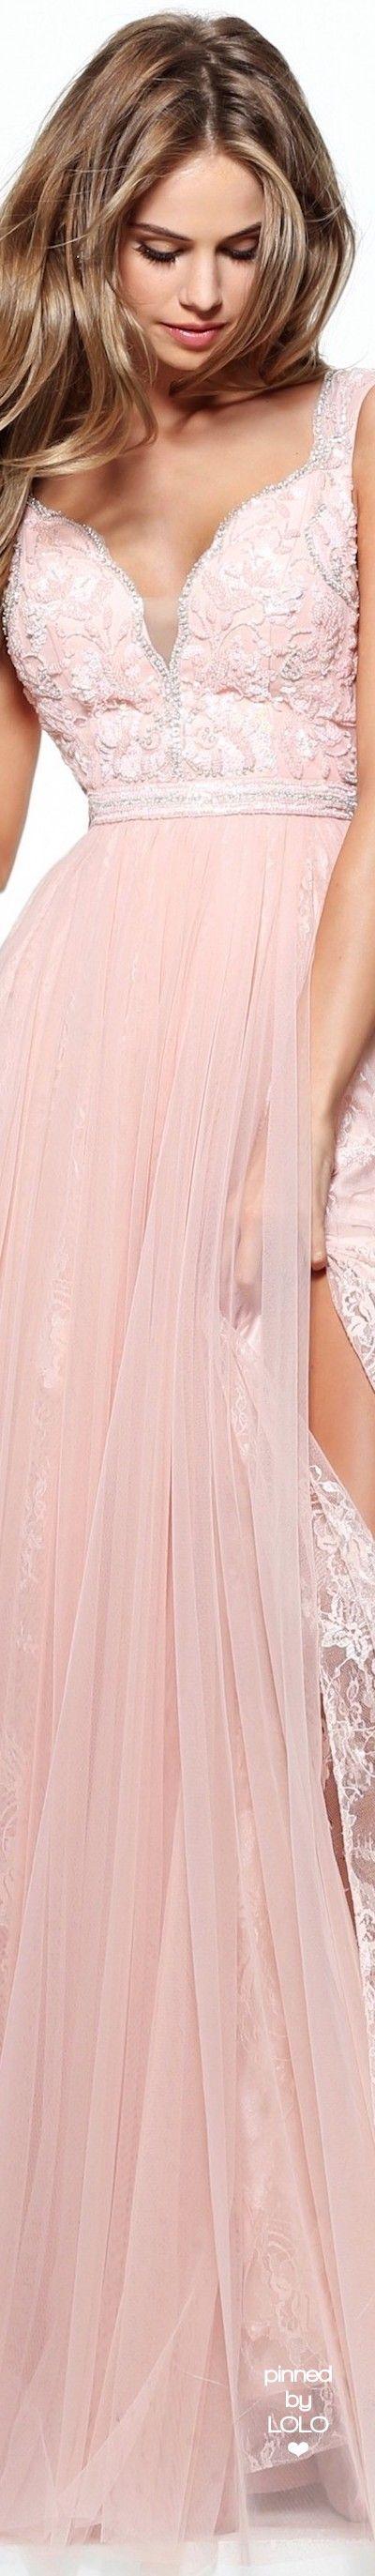 Sherri Hill | Prom | Pinterest | Rosa y Sherri hill